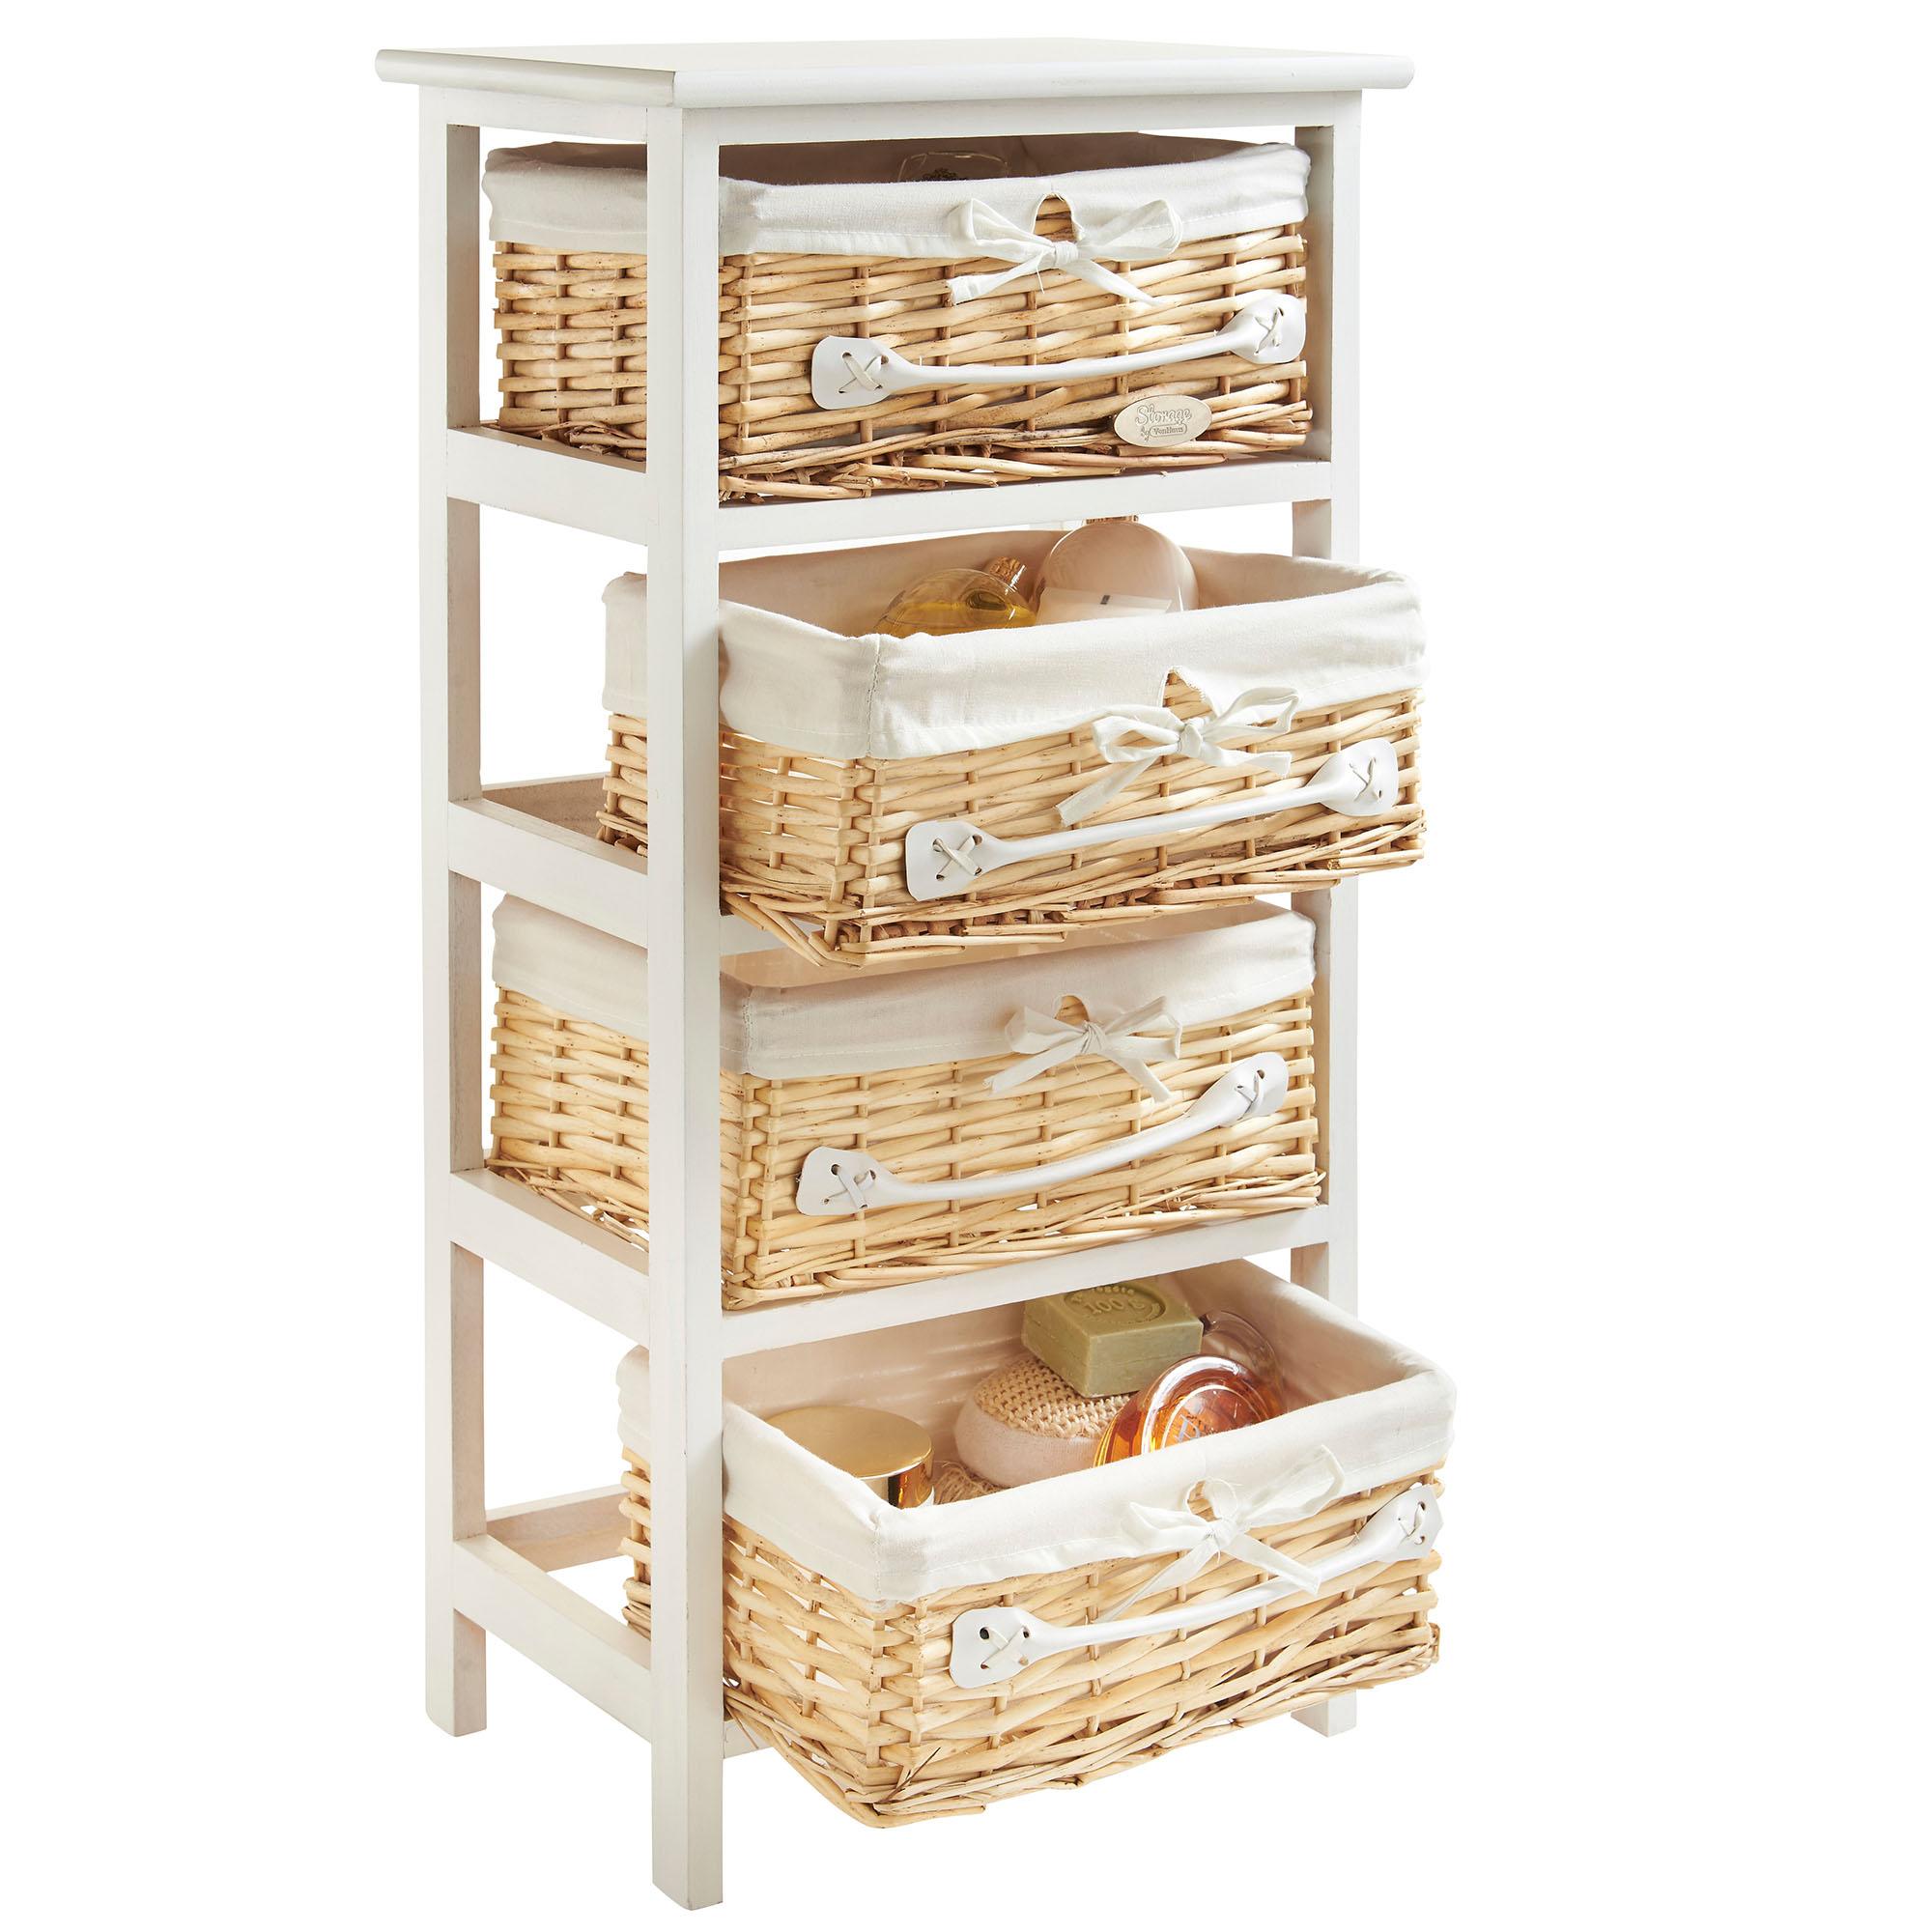 Vonhaus 4 Drawer Wicker Basket Wood Storage Unit Bedroom